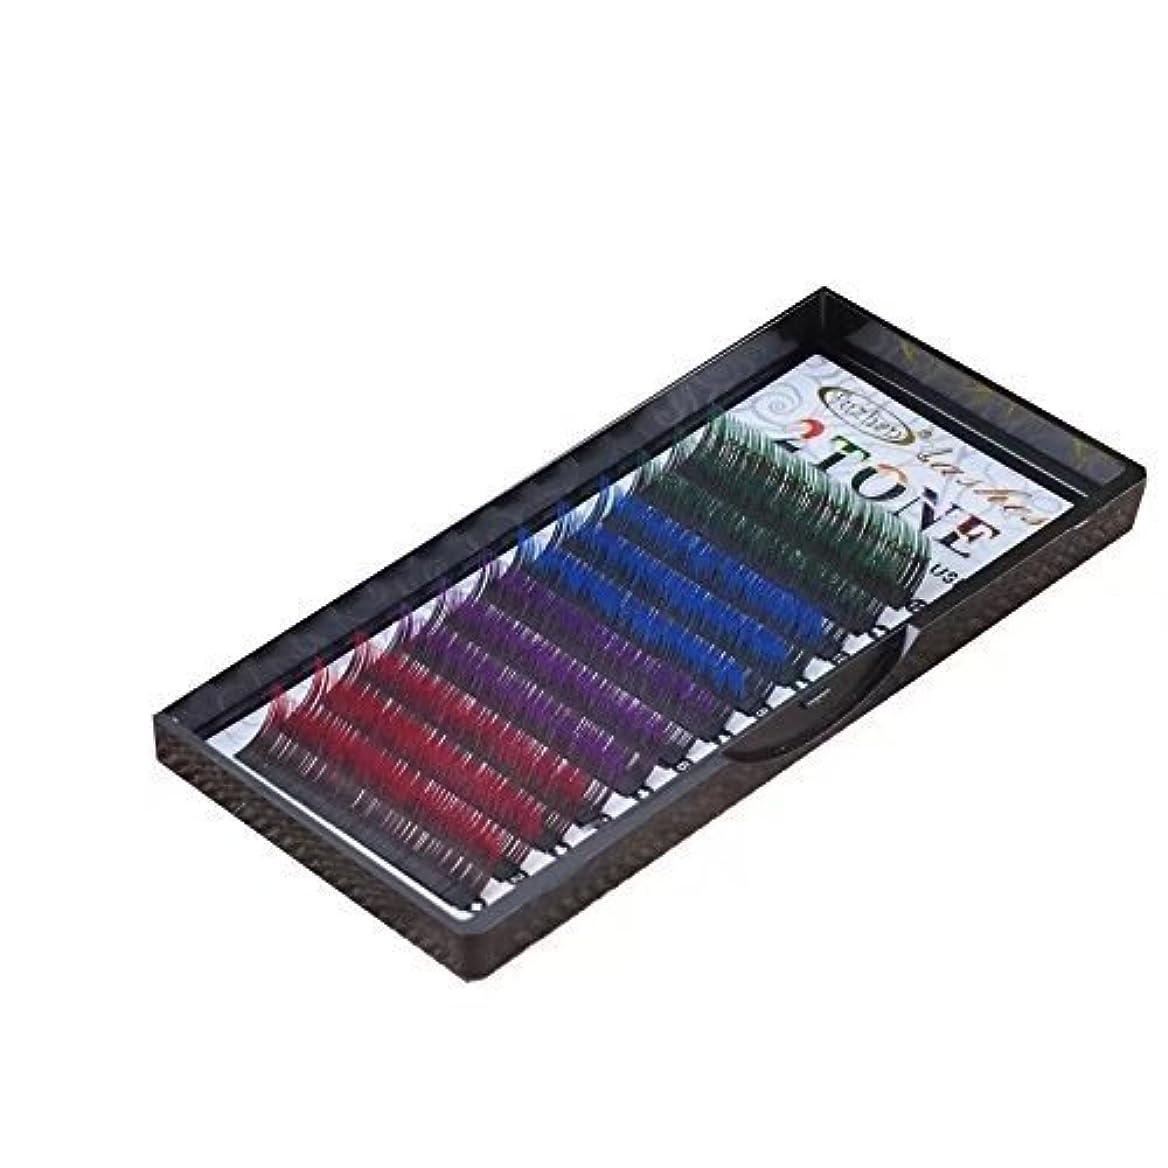 まつげエクステ 太さ0.15mm(カール色長さ指定) グラデーションマツエク 色ごとに3列 12列タイプ 2ケース入り (0.15 C 11mm、グリーン?ブルー?バイオレット?レッド)